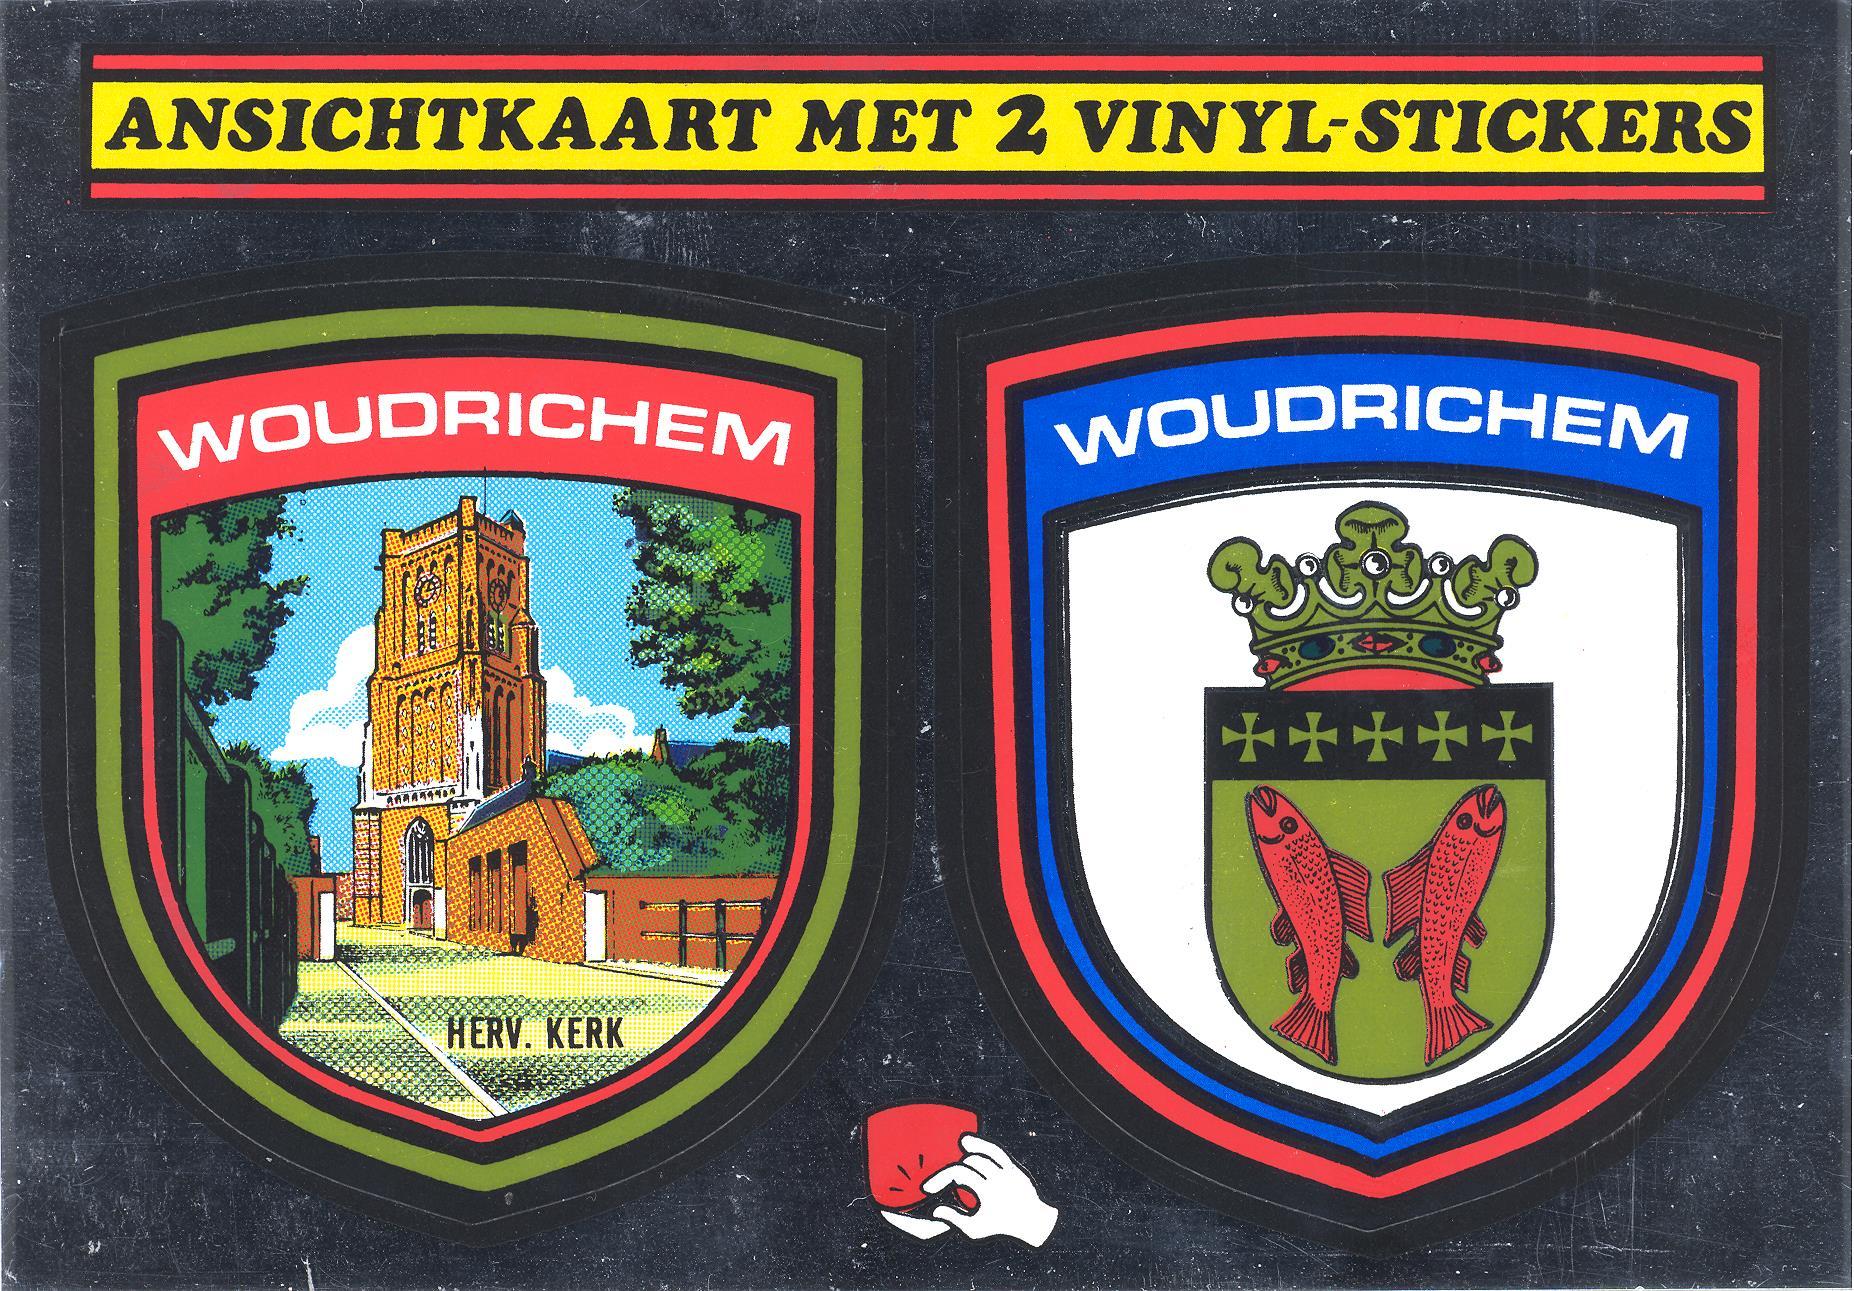 STICK-020 ansichtkaart met 2 vinyl stickers